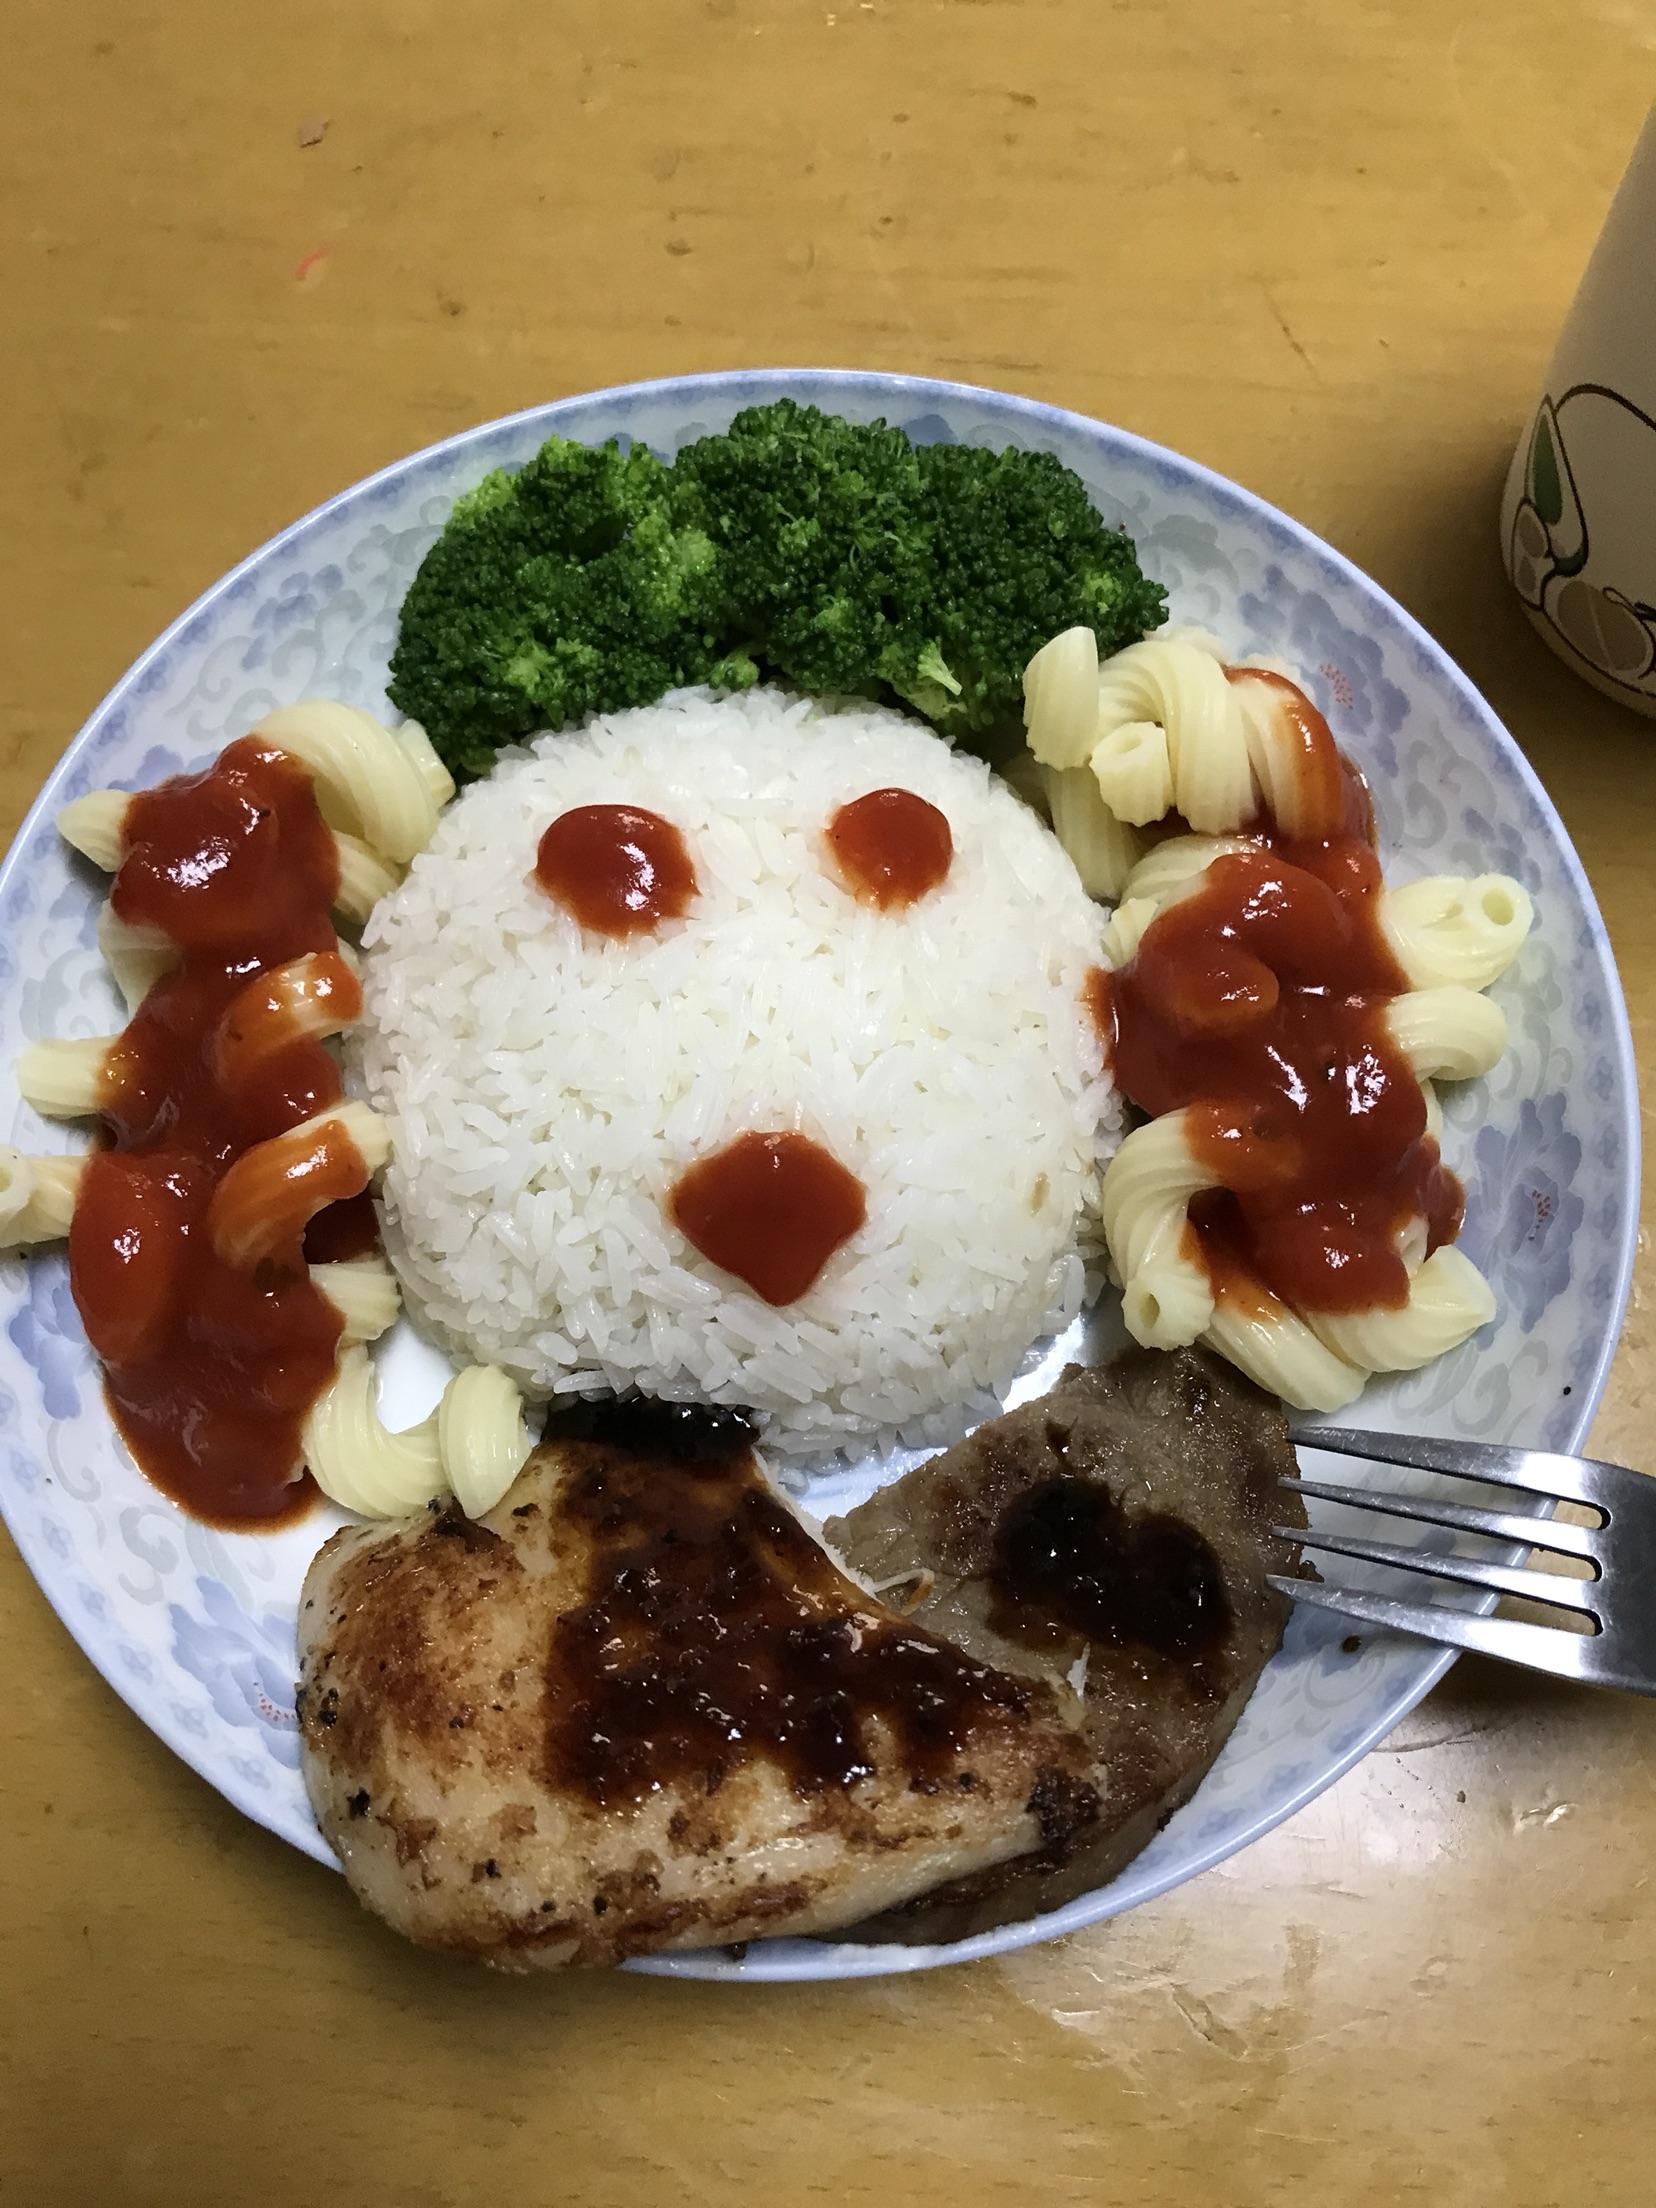 炒菜煲汤临锅时加入提鲜不口干 洋娃娃的做法步骤        本菜谱的